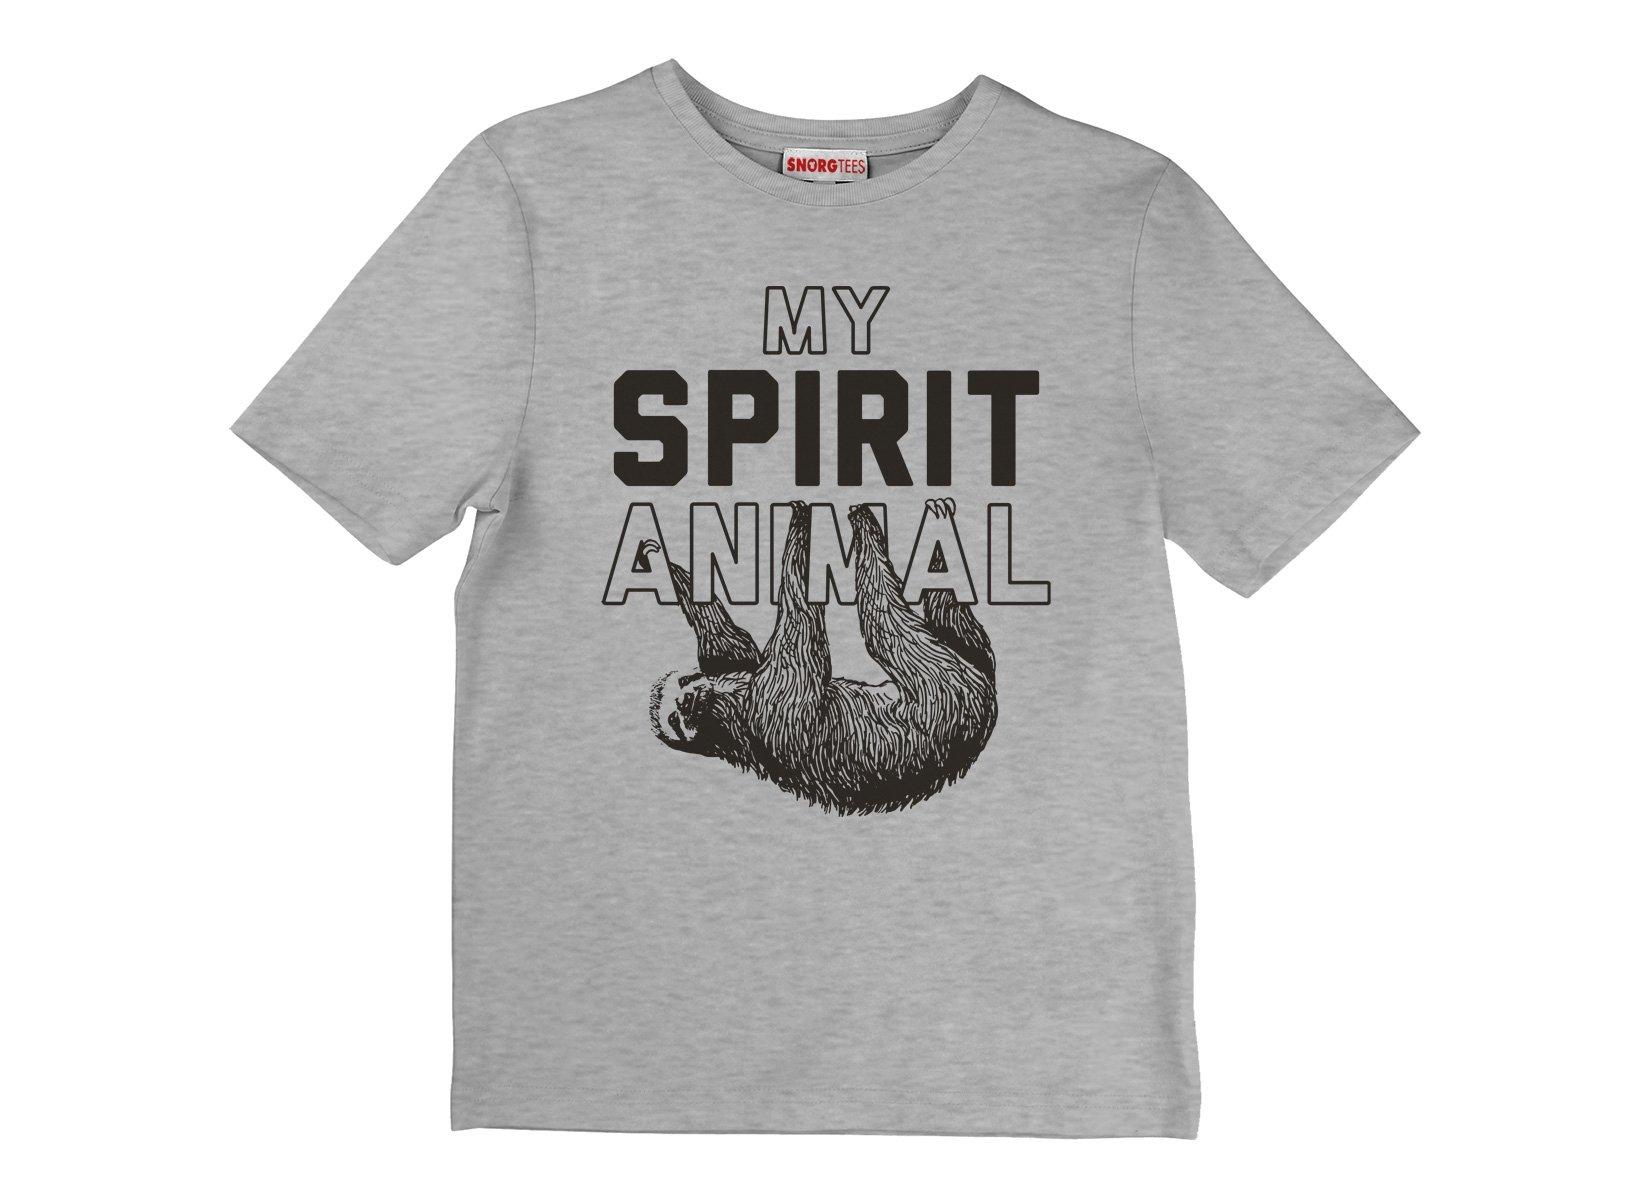 My Spirit Animal on Kids T-Shirt